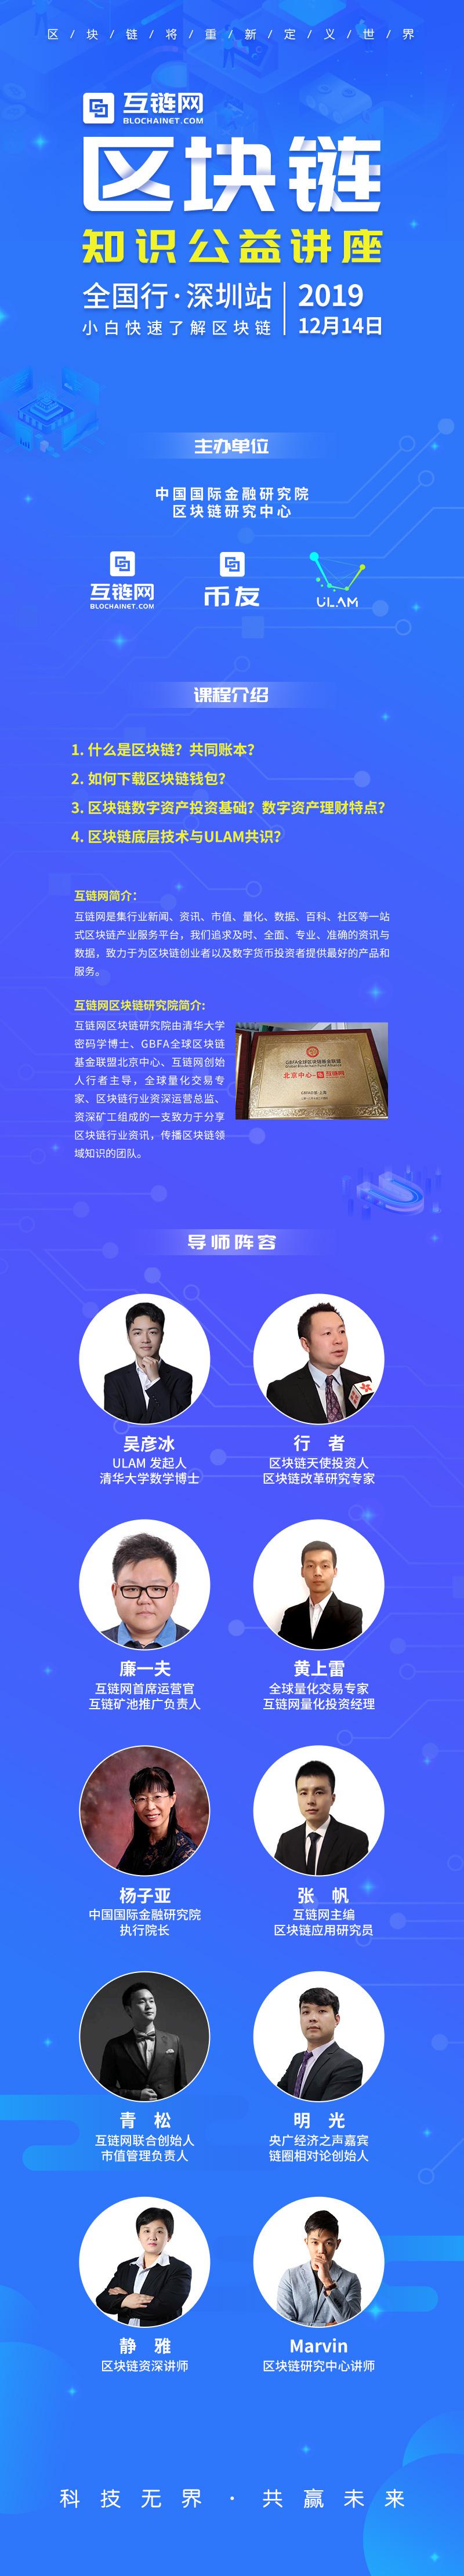 深圳无二维码.jpg